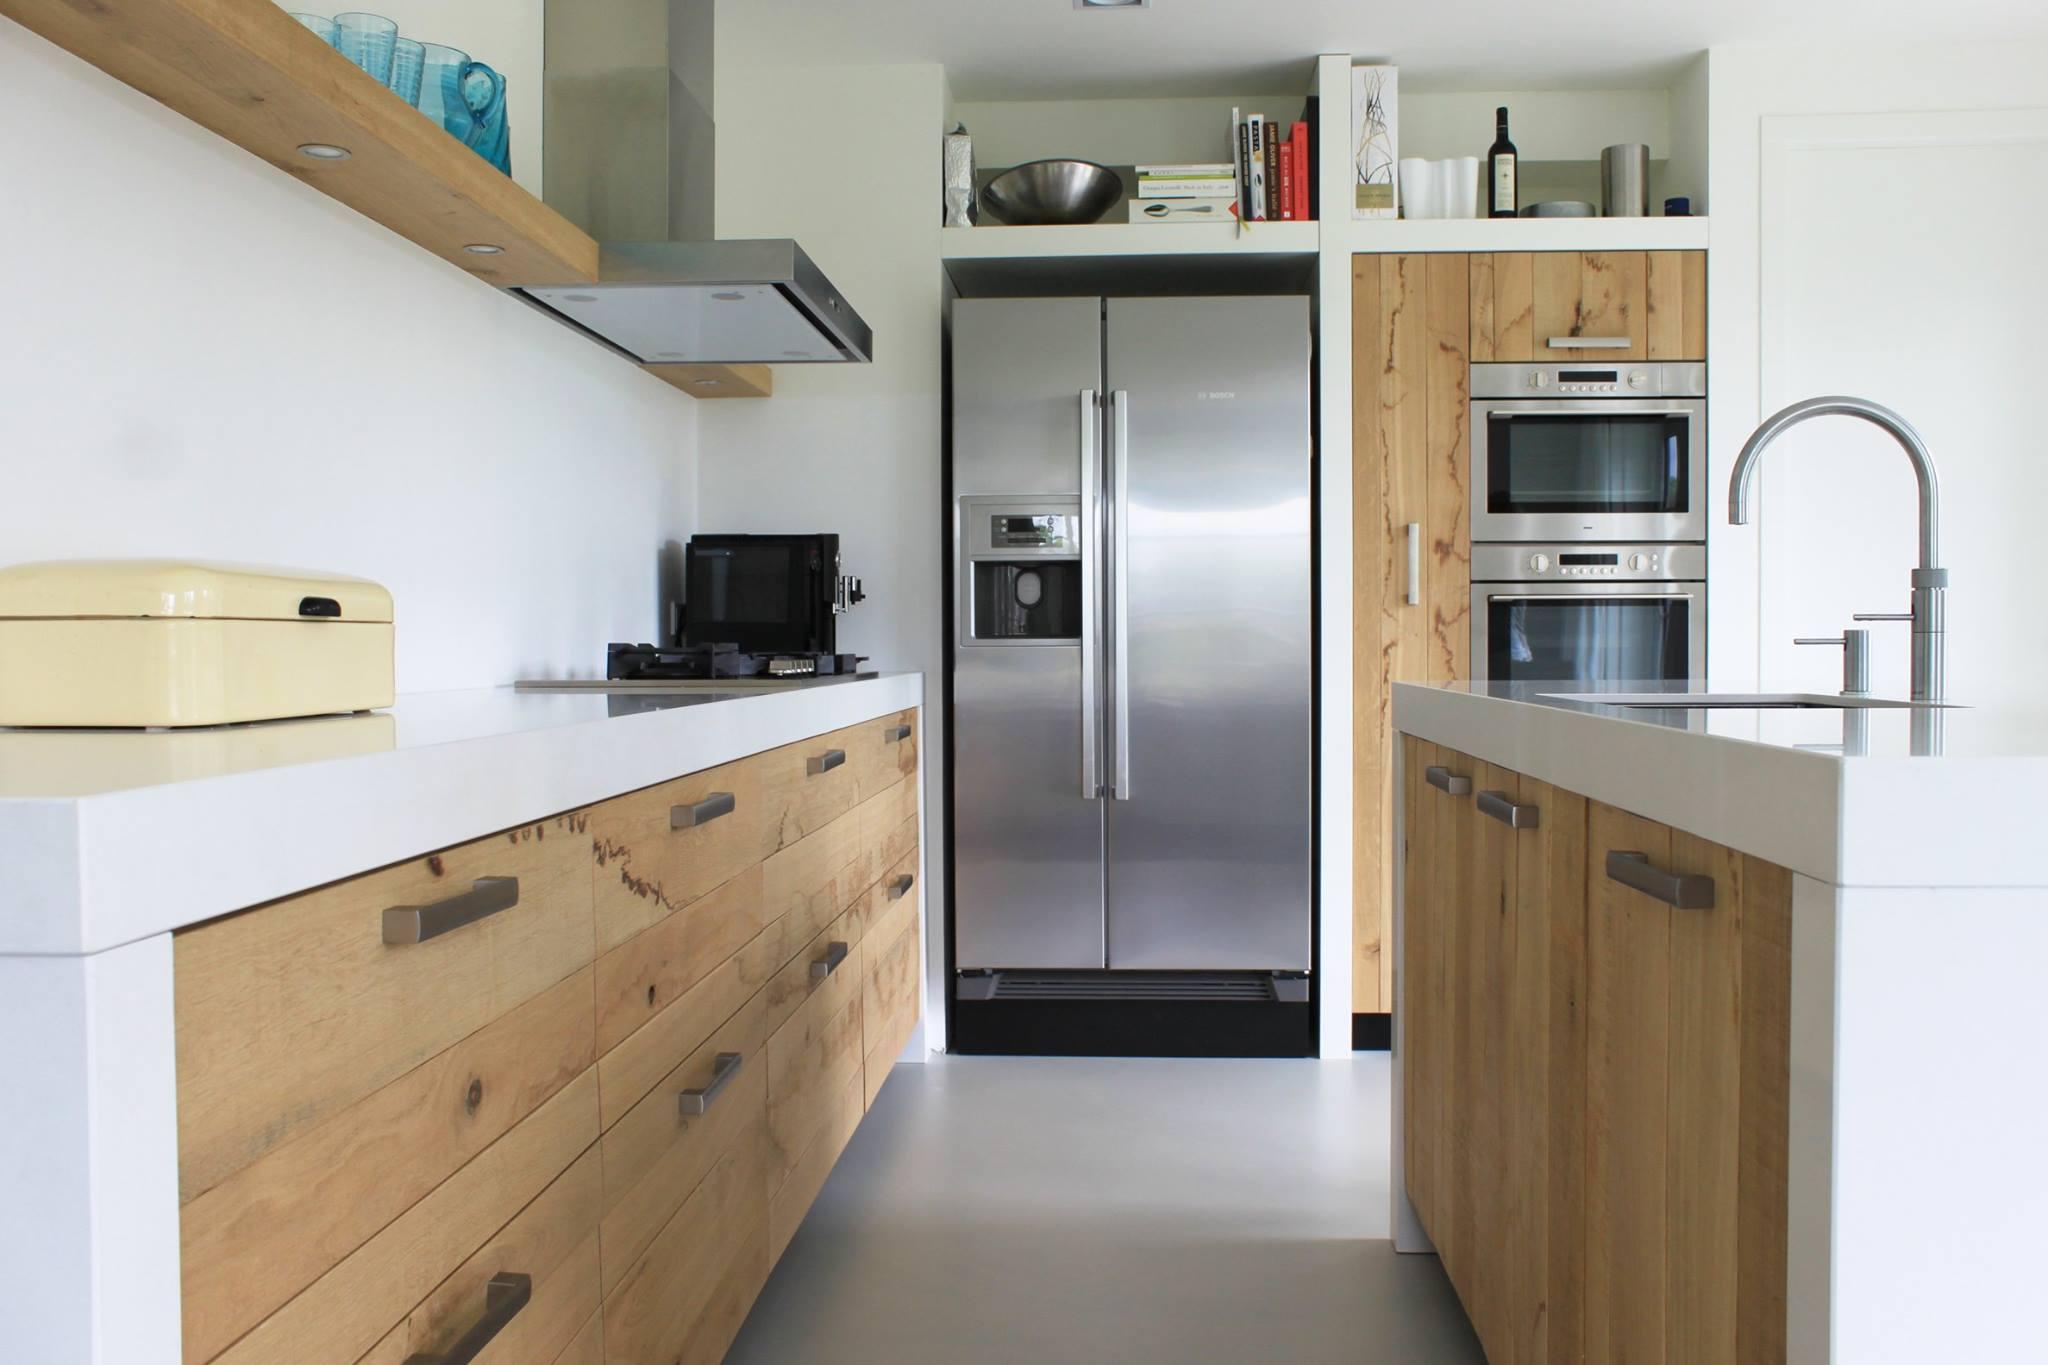 Kookeiland Keuken Houten : ≥ keuken met bar en kookeiland hout keuken complete keukens